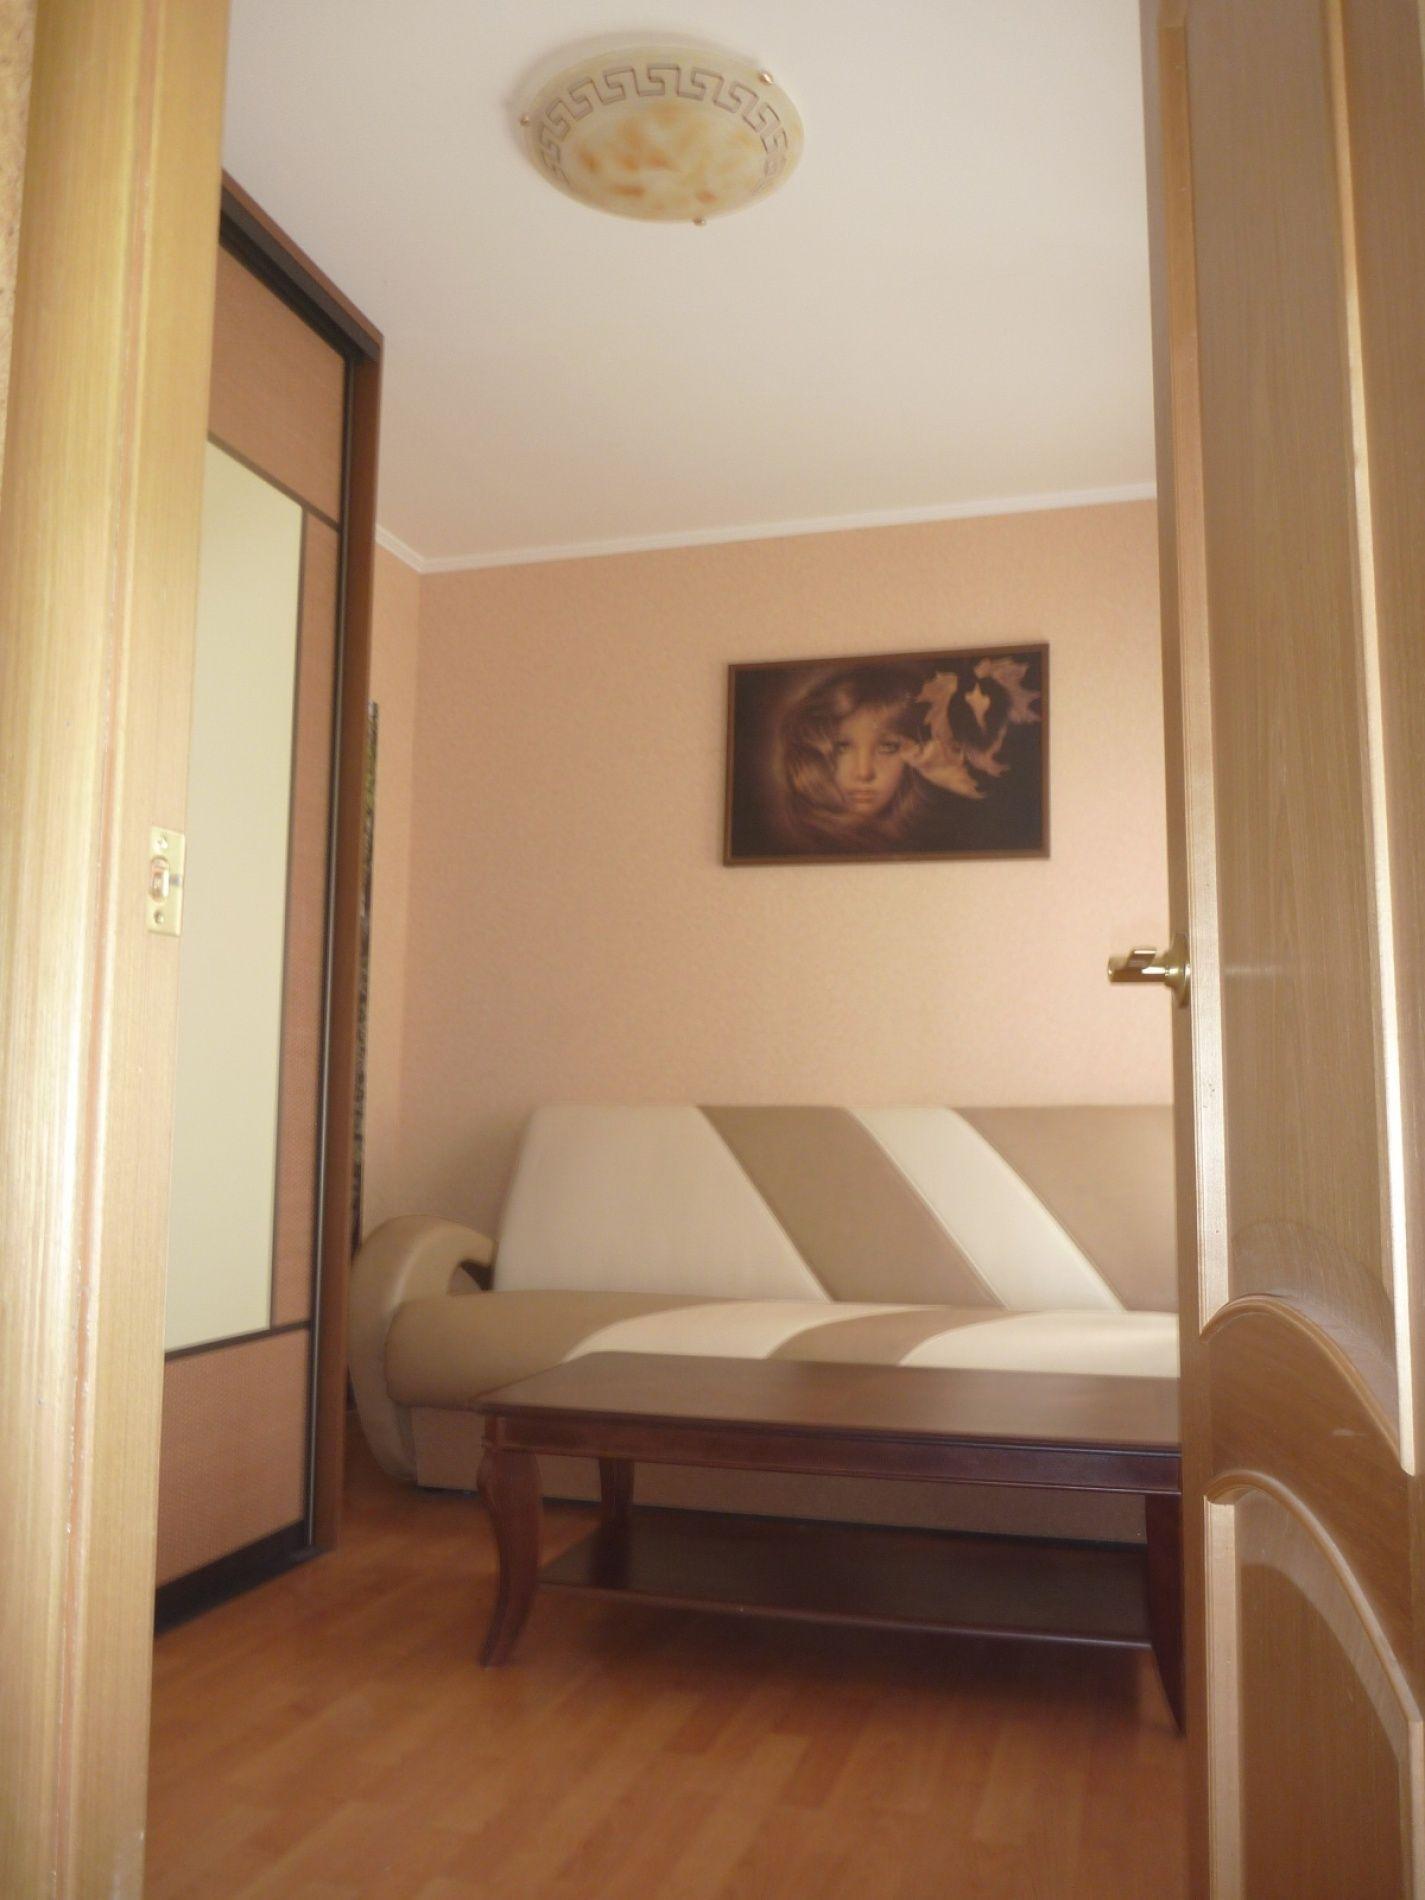 """База отдыха """"Абдулкин Ерик"""" Астраханская область 2-х комнатные двухместные номера в Плавучей гостинице, фото 1"""